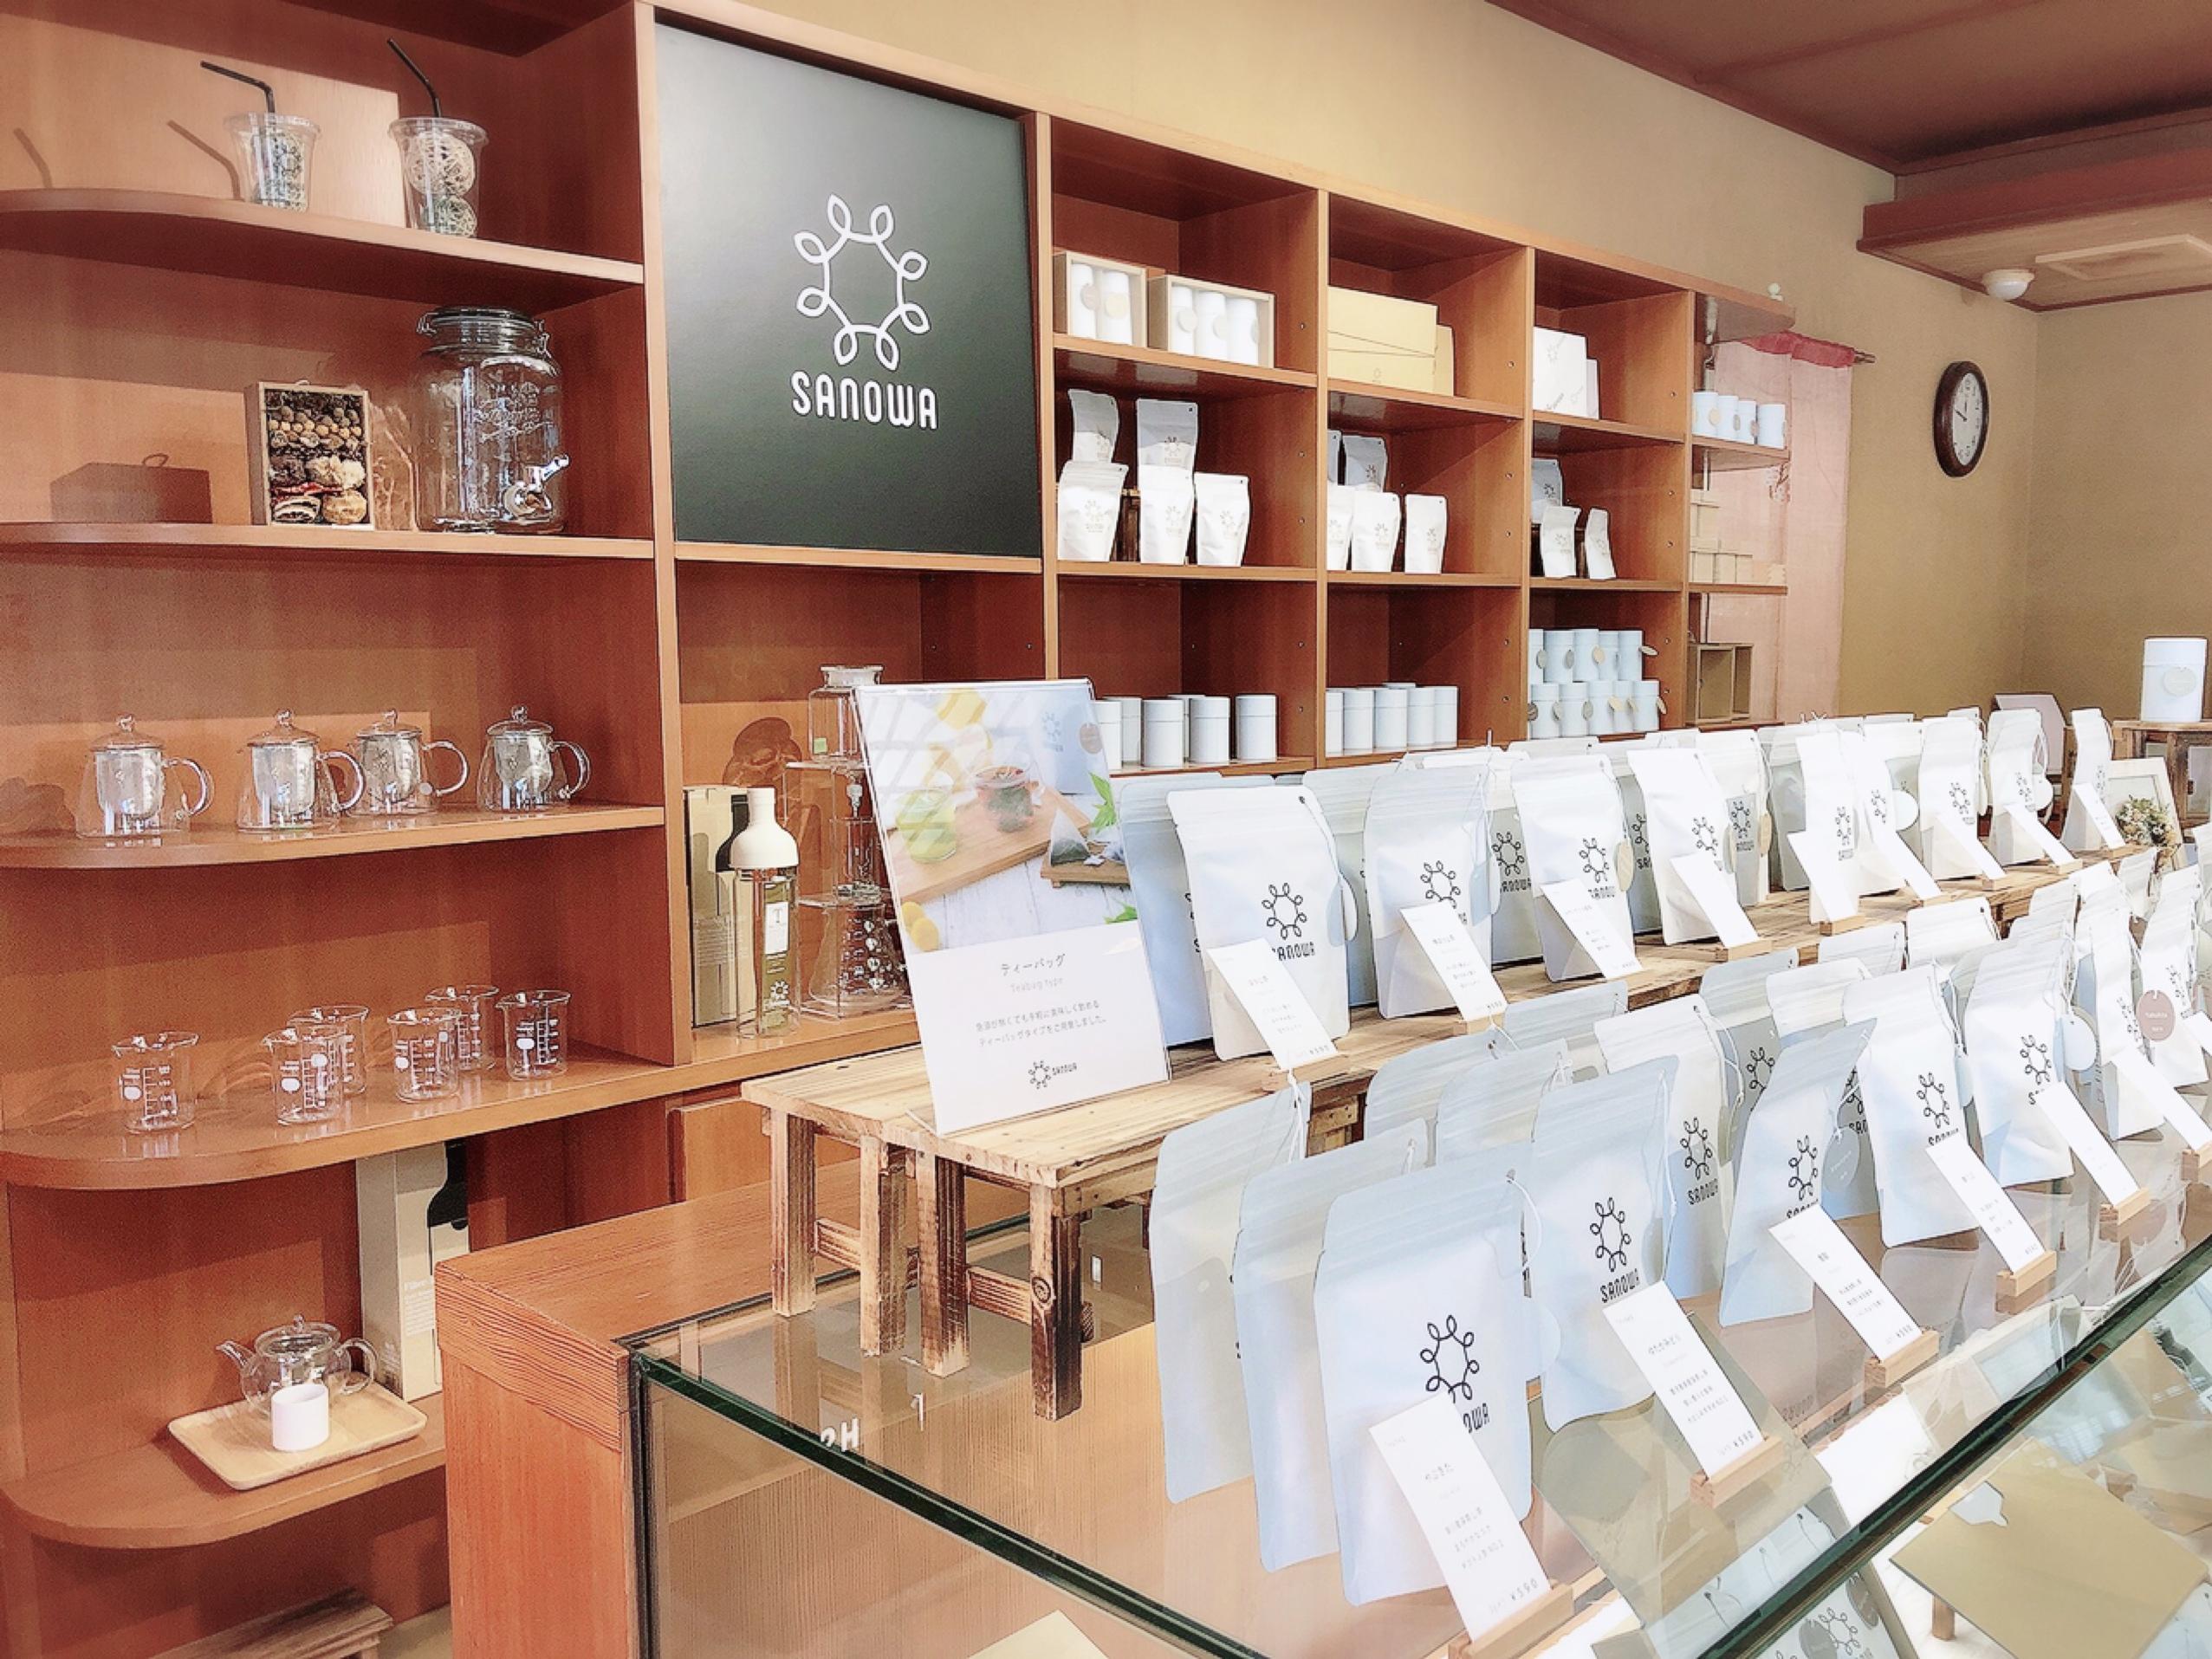 【#静岡】 ターゲットはMORE世代女子♩老舗お茶屋さんがプロデュースの濃厚抹茶スイーツがどれも超オススメ❁_8